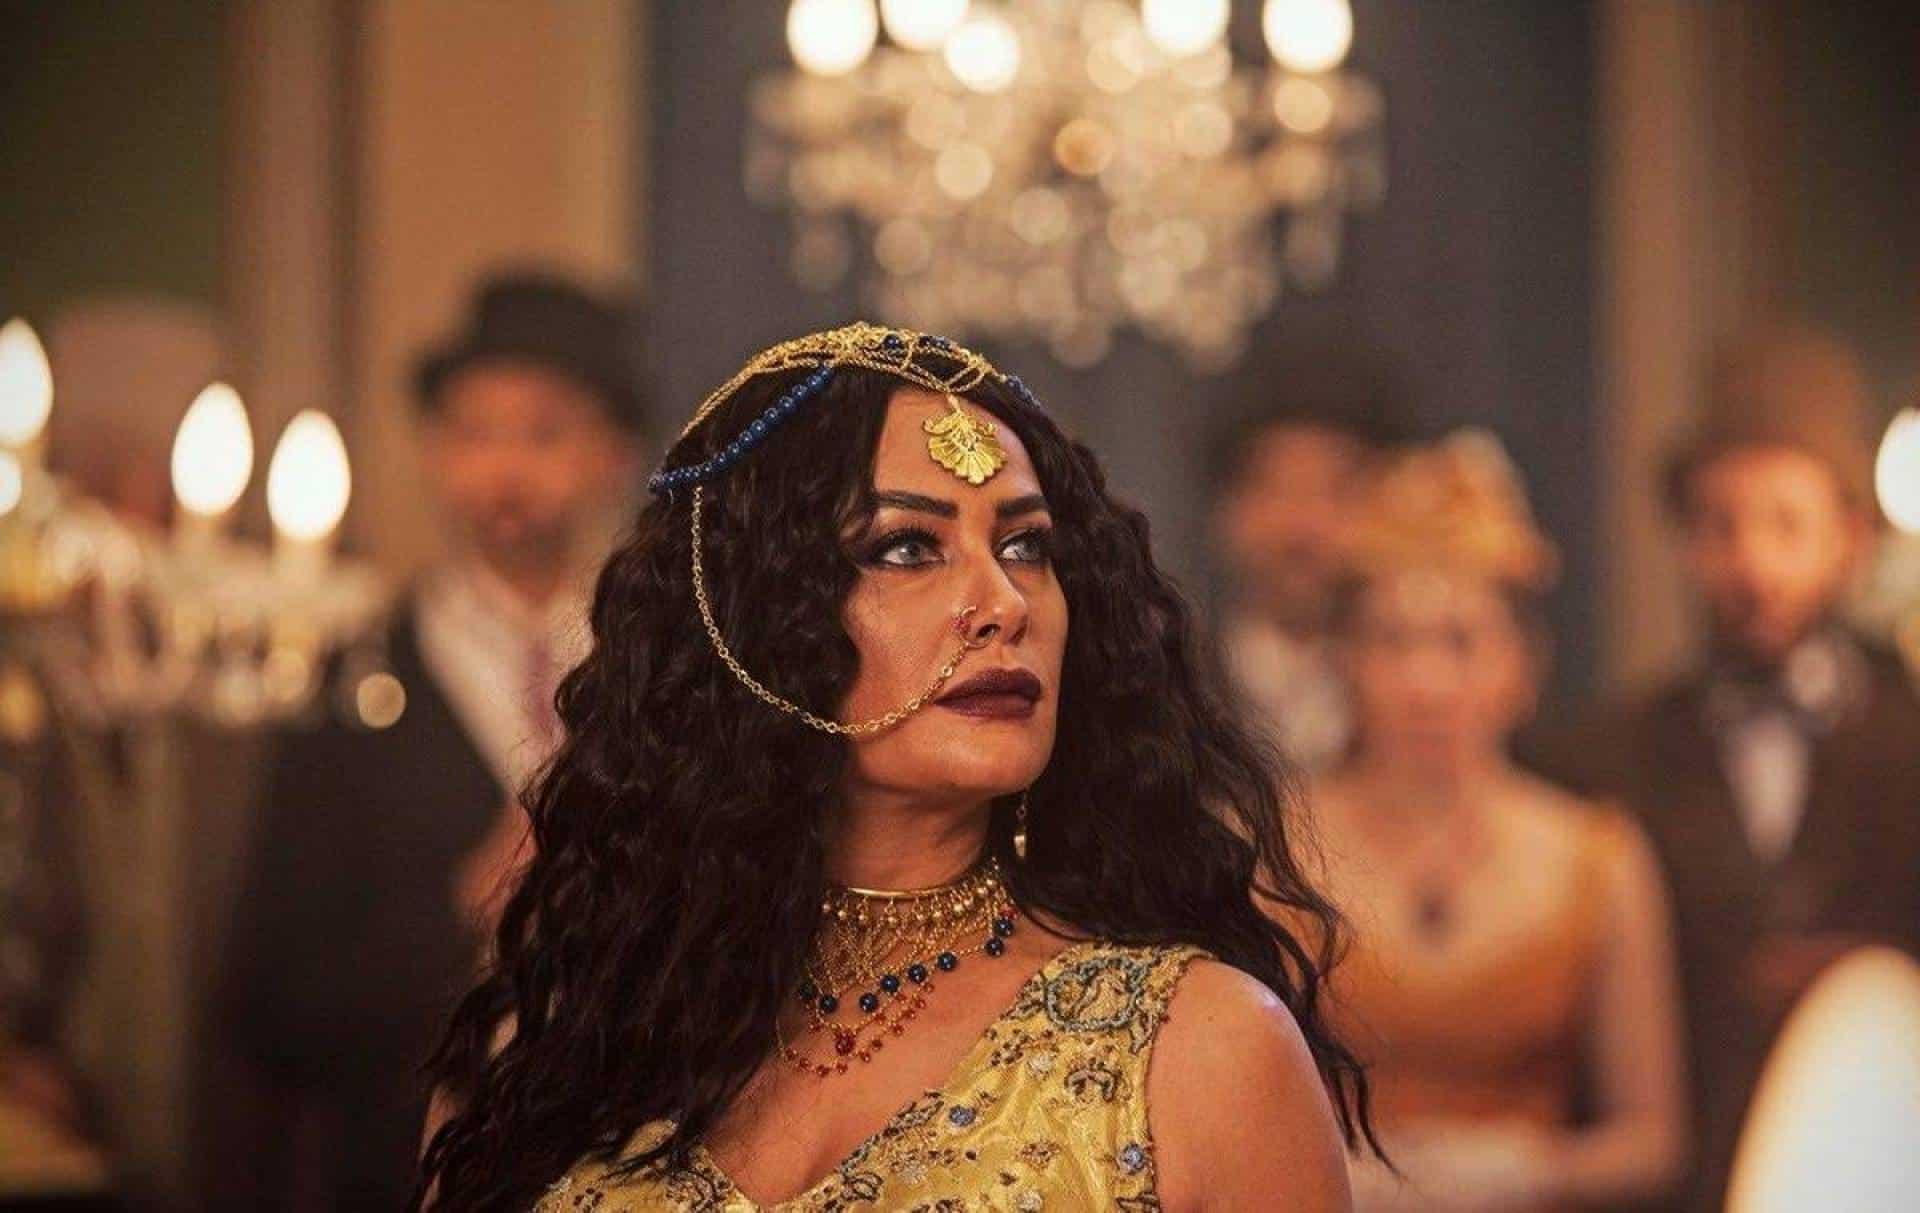 """الممثلة هند صبري حول شخصيتها الجديدة الغريبة ضمن فيلم """"الفيل الأزرق 2"""""""